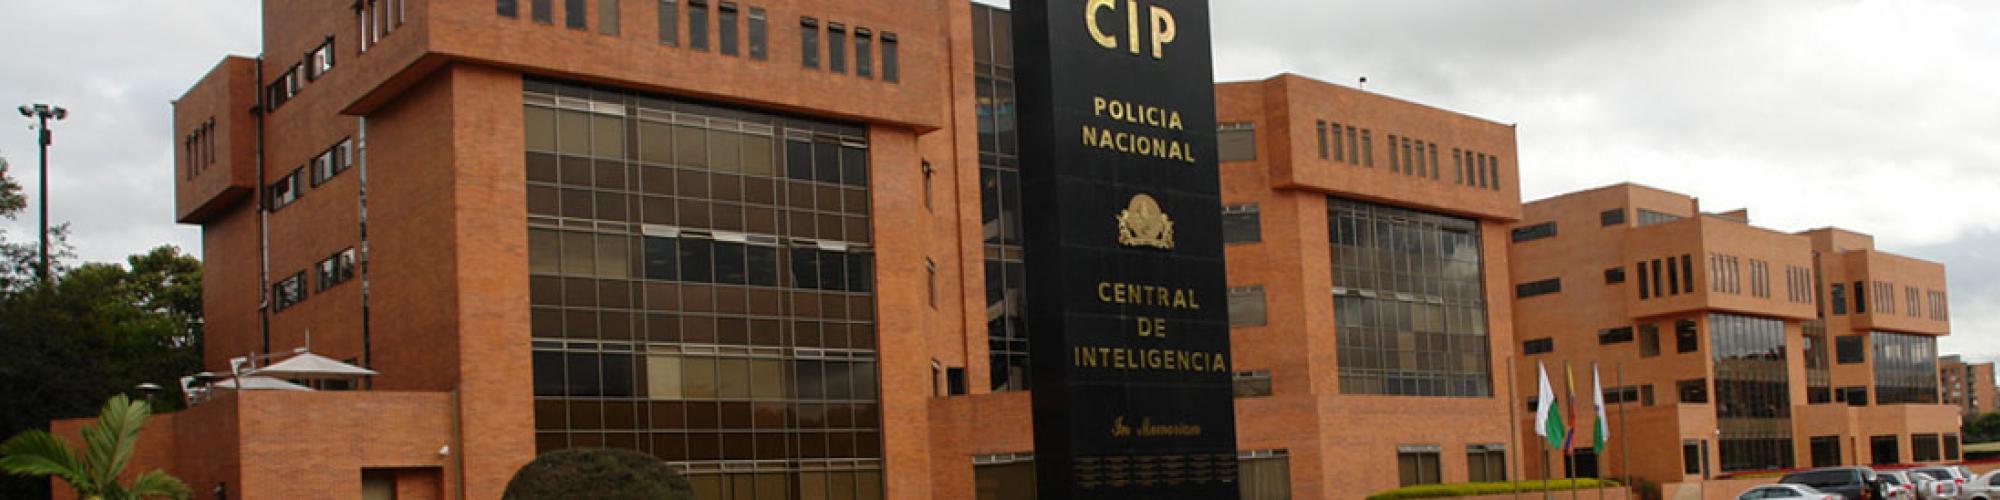 Fachada de la Dirección de Inteligencia de la Policía Nacional de Colombia